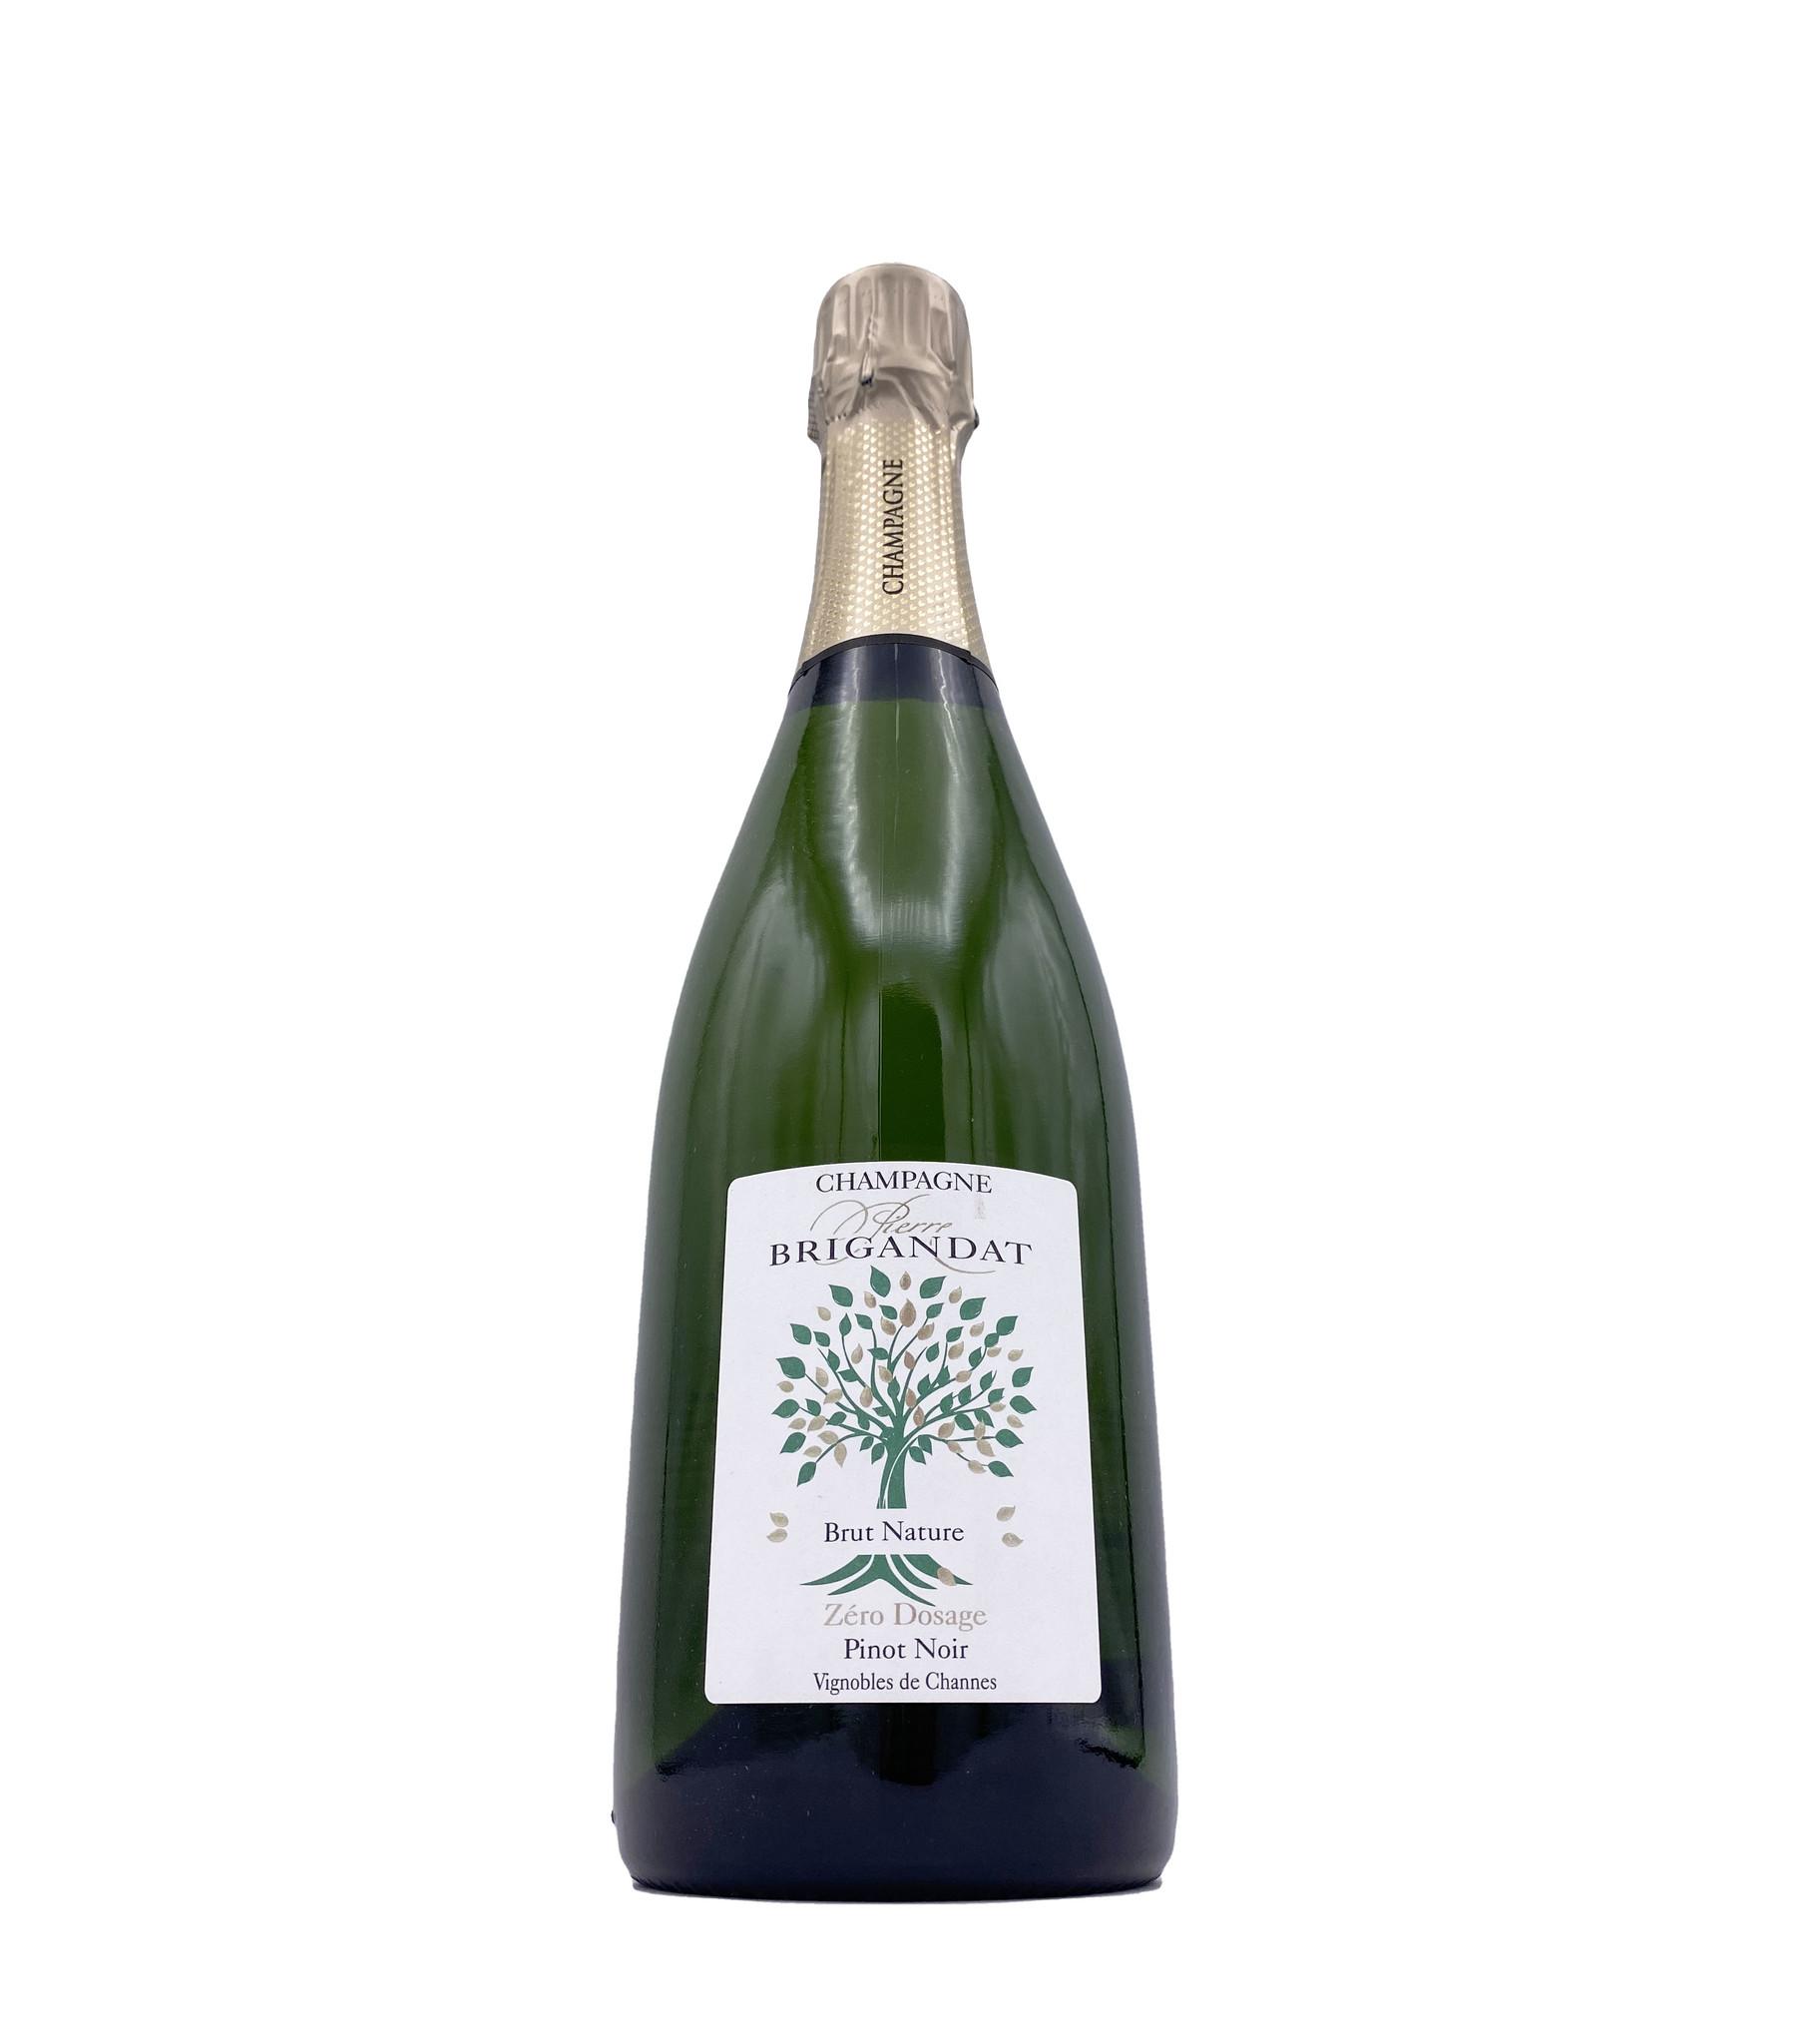 Champagne Brut Nature Blanc de Noirs NV Pierre Brigandat & Fils